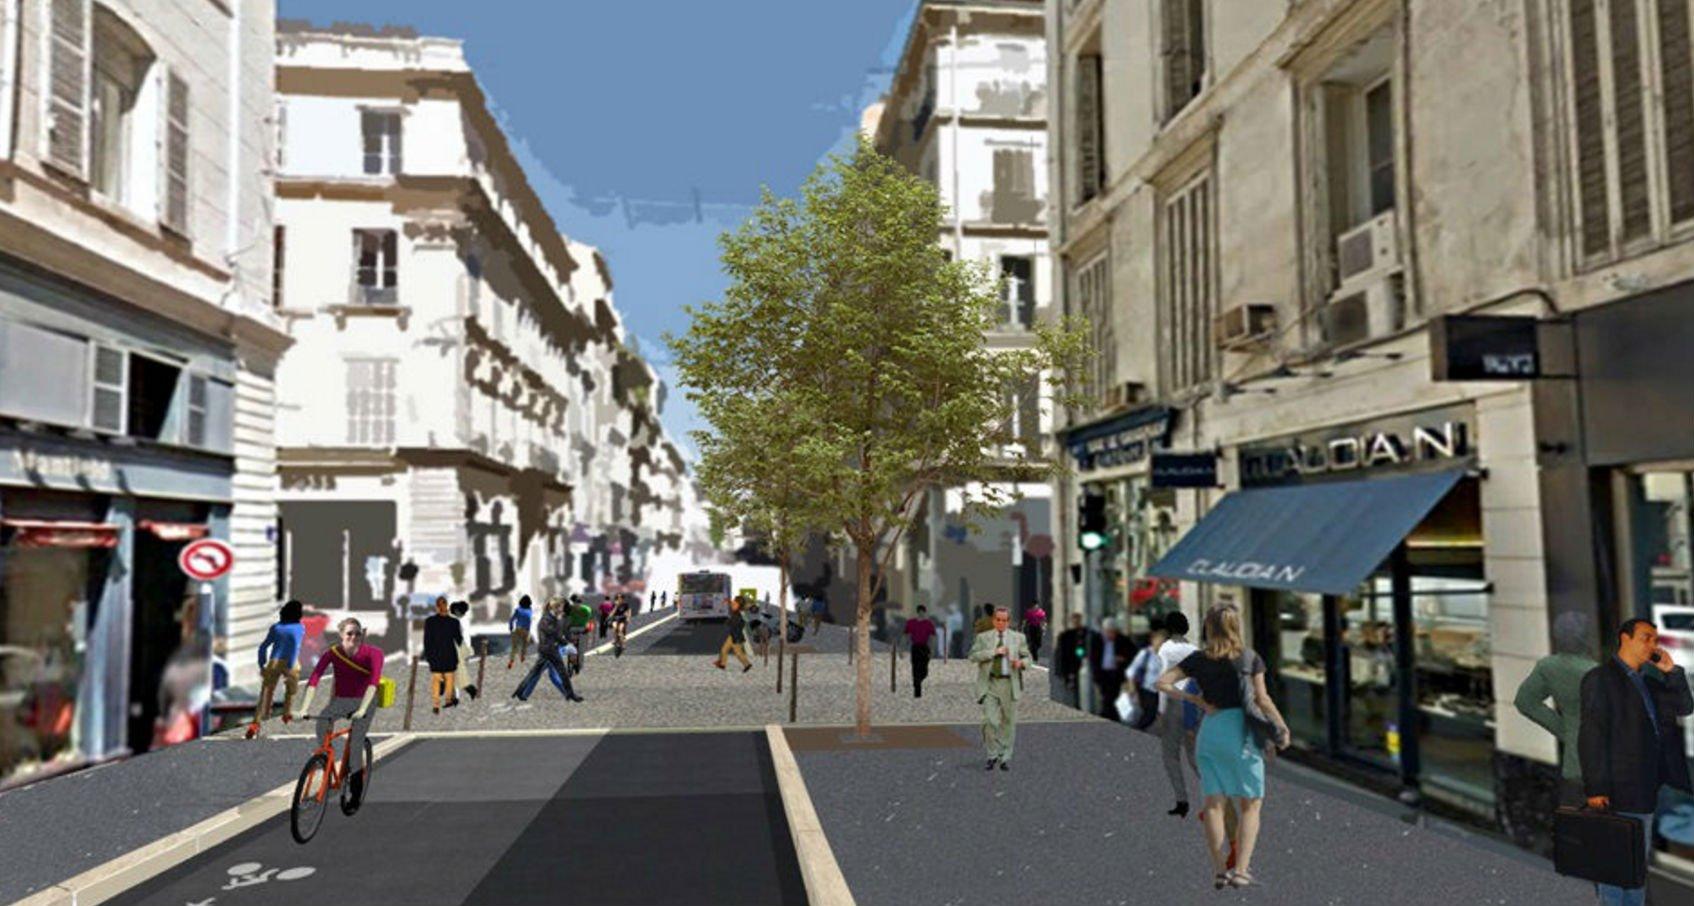 En images toutes les photos de la nouvelle rue paradis for Les espaces verts en ville